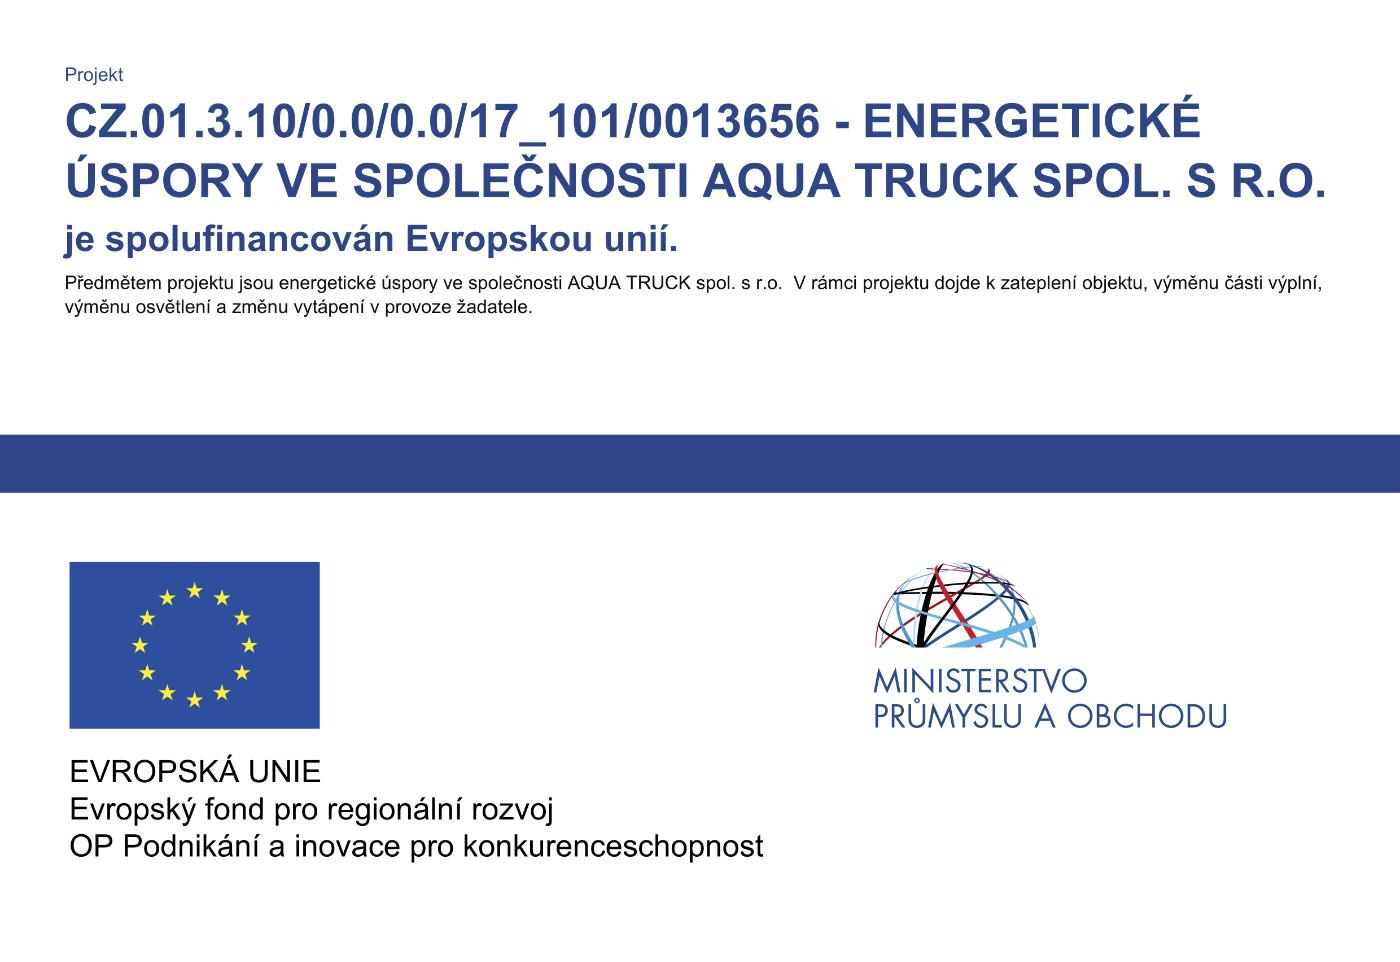 Energetické úspory ve společnosti Aquatruck spol. s r.o.